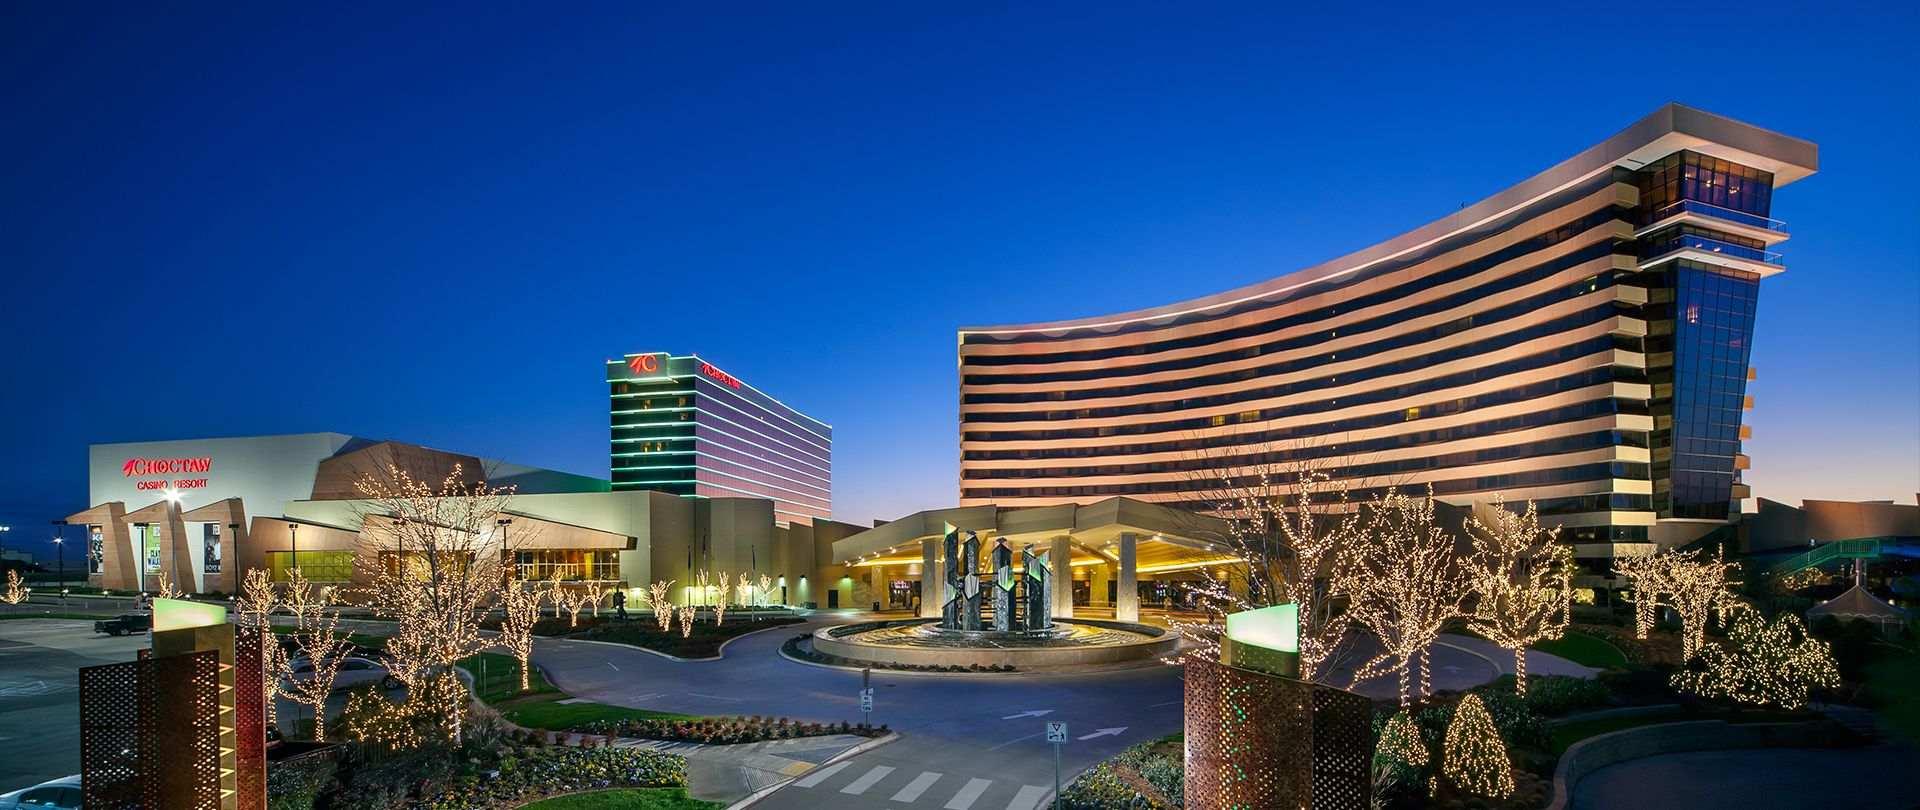 Winstar world casino oklahoma 10